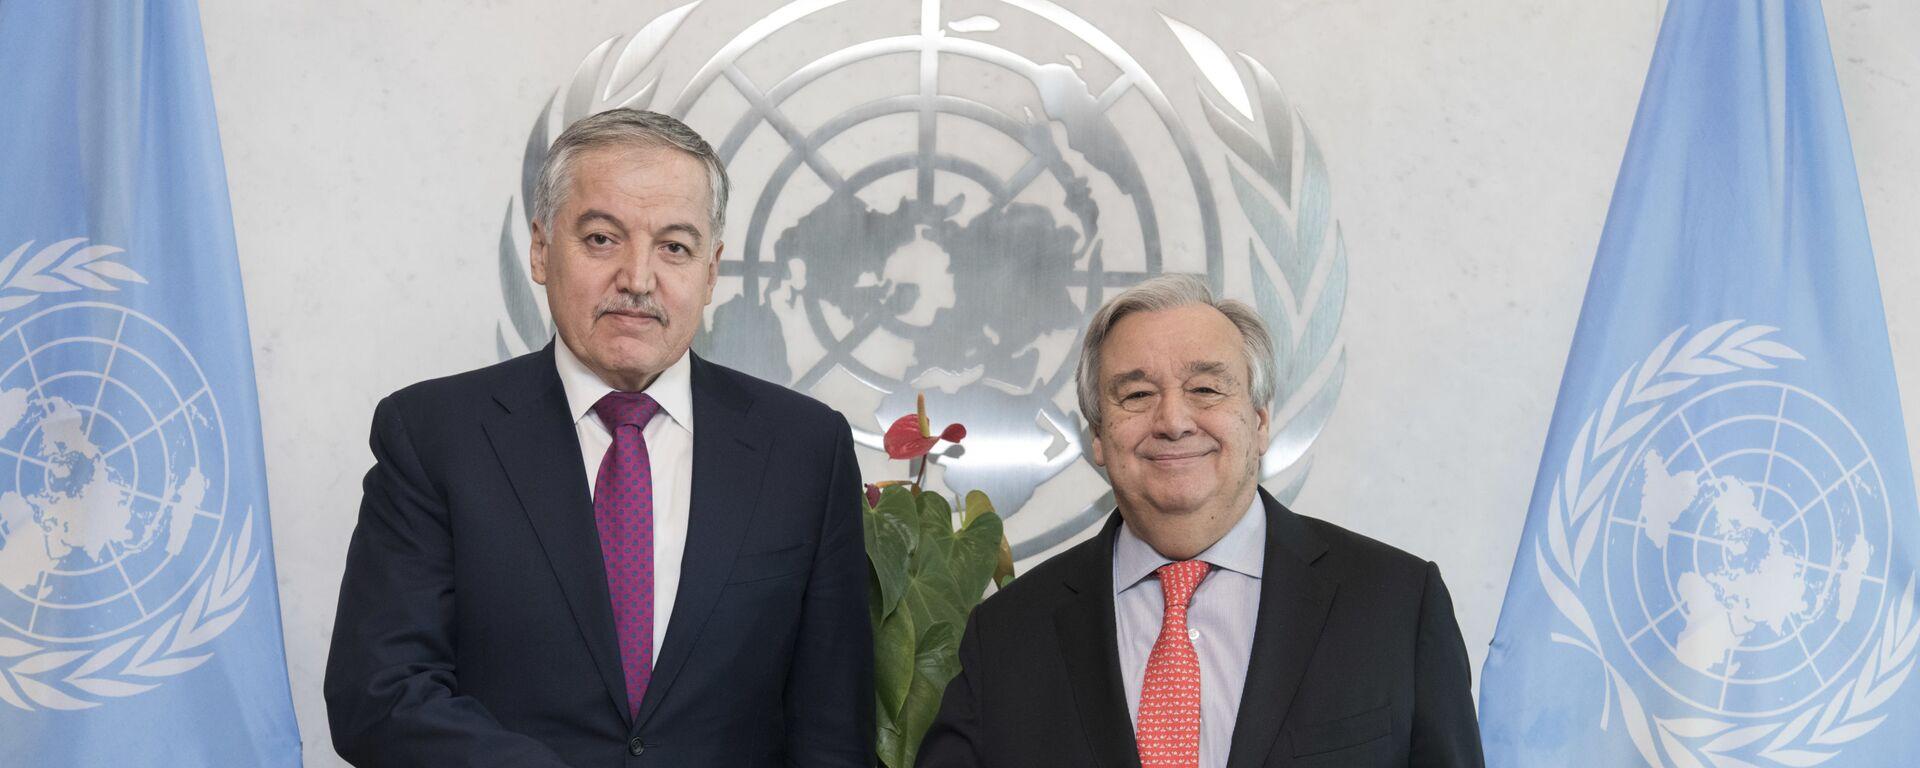 Глава МИД Таджикистана Сироджиддин Мухриддин и генеральный секретарь ООН Антонио Гутерреш - Sputnik Тоҷикистон, 1920, 02.10.2021